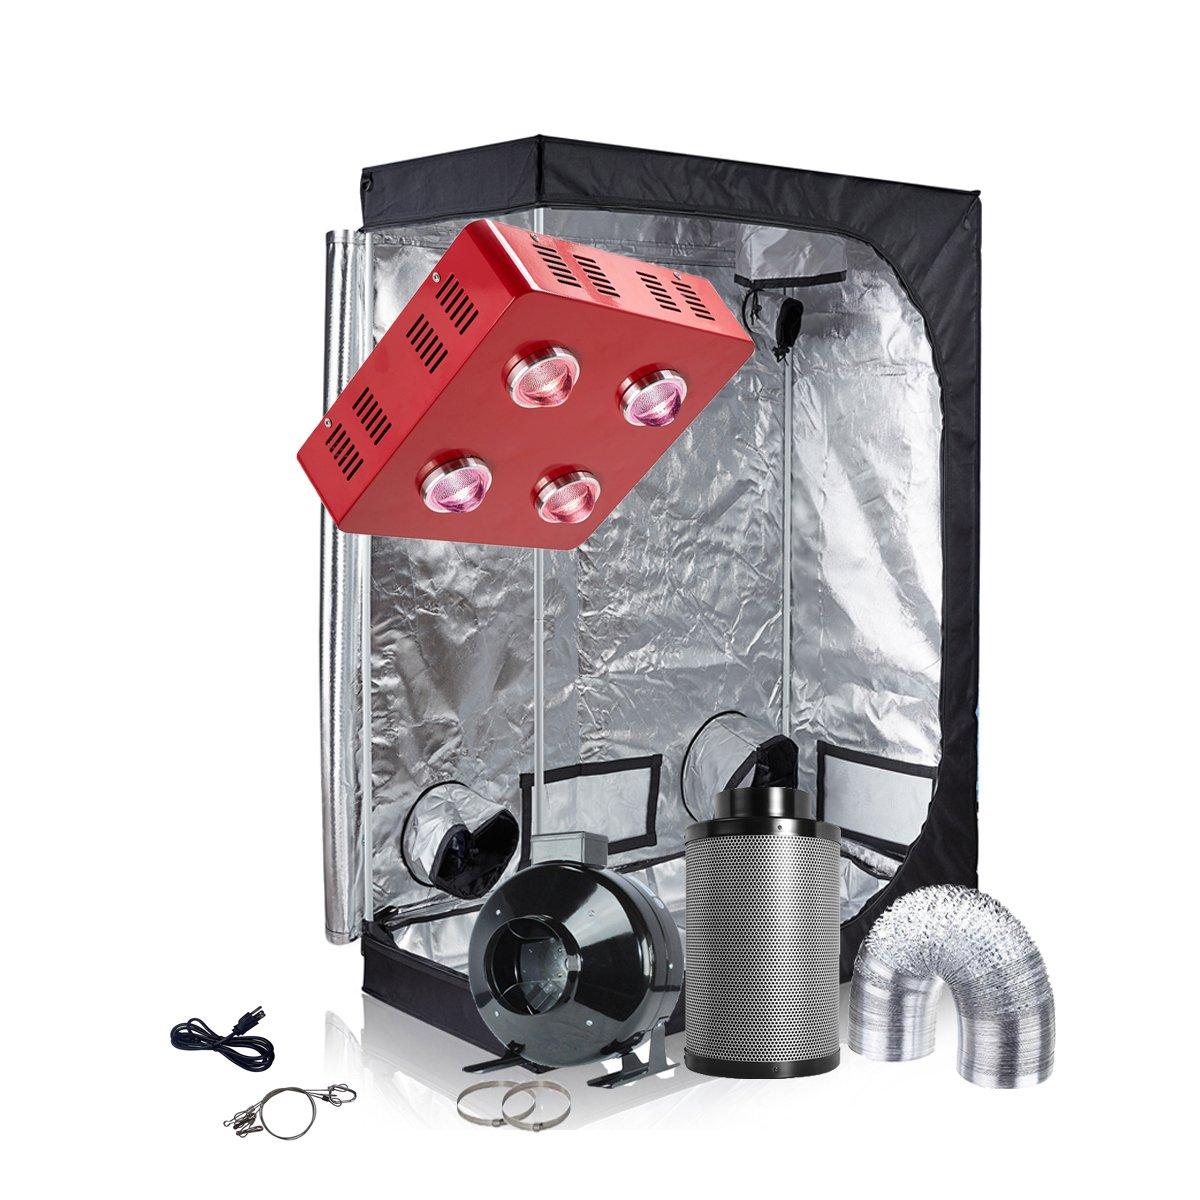 TopoGrow Grow Tent Kit LED 800W COB Grow Light Kit +48''X24''X72'' Indoor Grow Tent + 6'' Inline Fan Filter Ventilation Kit (LED800W+48''X24''X72''+6''Ventilation Kit) by TopoGrow